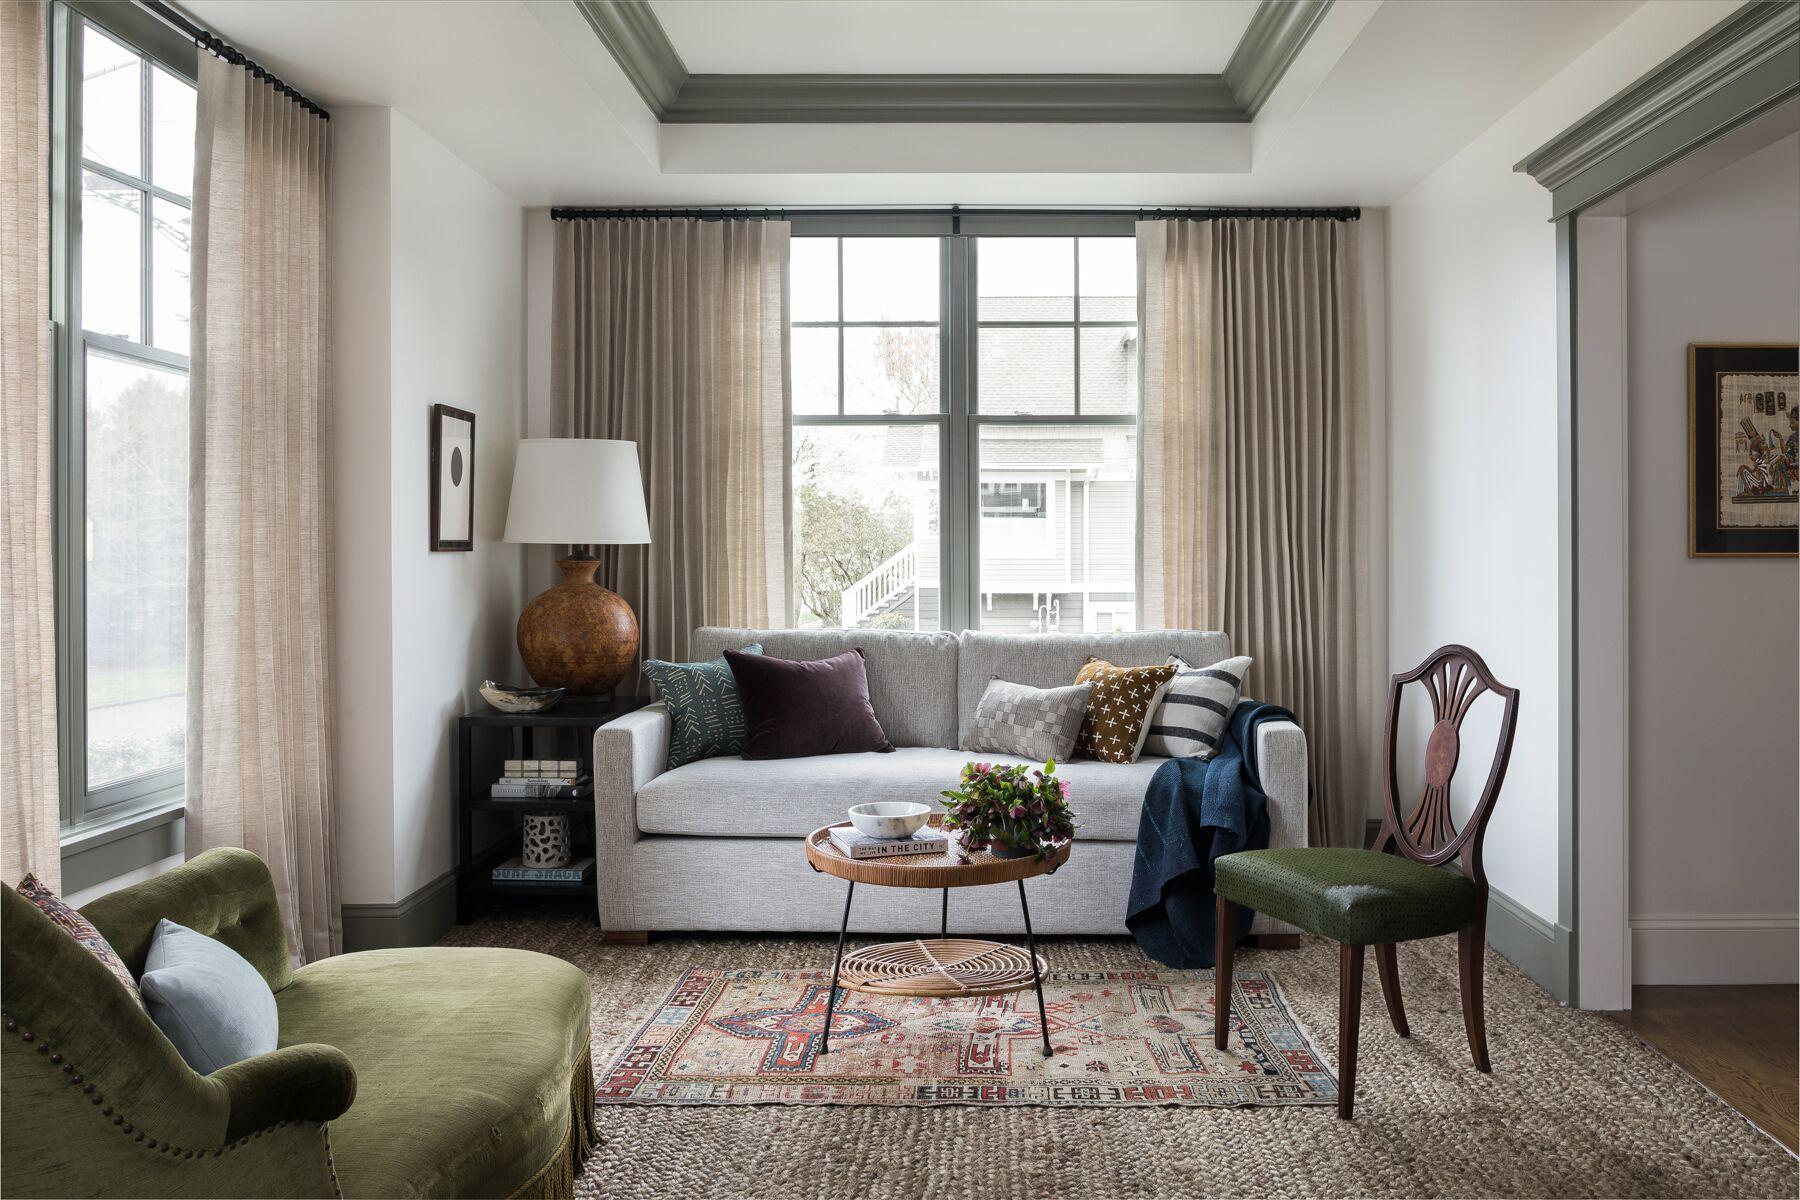 Оттенки зеленого и растительные мотивы в интерьере дома в Сиэтле